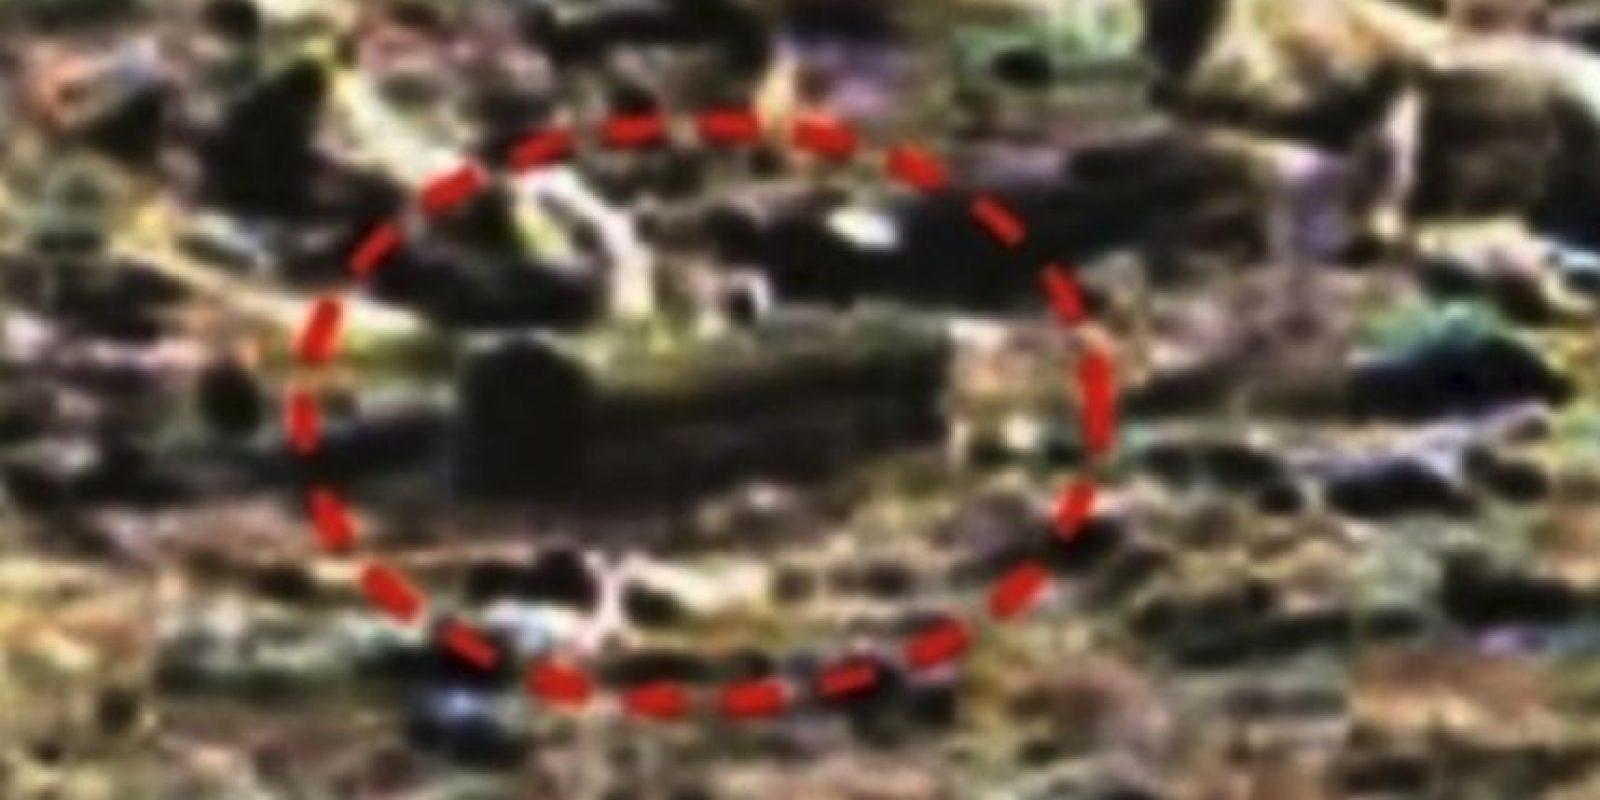 """Piedra con forma de ataúd. De acuerdo al sitio """"MundoMisterioso.net"""", esta supuesta caja se encontró en enero de 2015 Foto:NASA"""